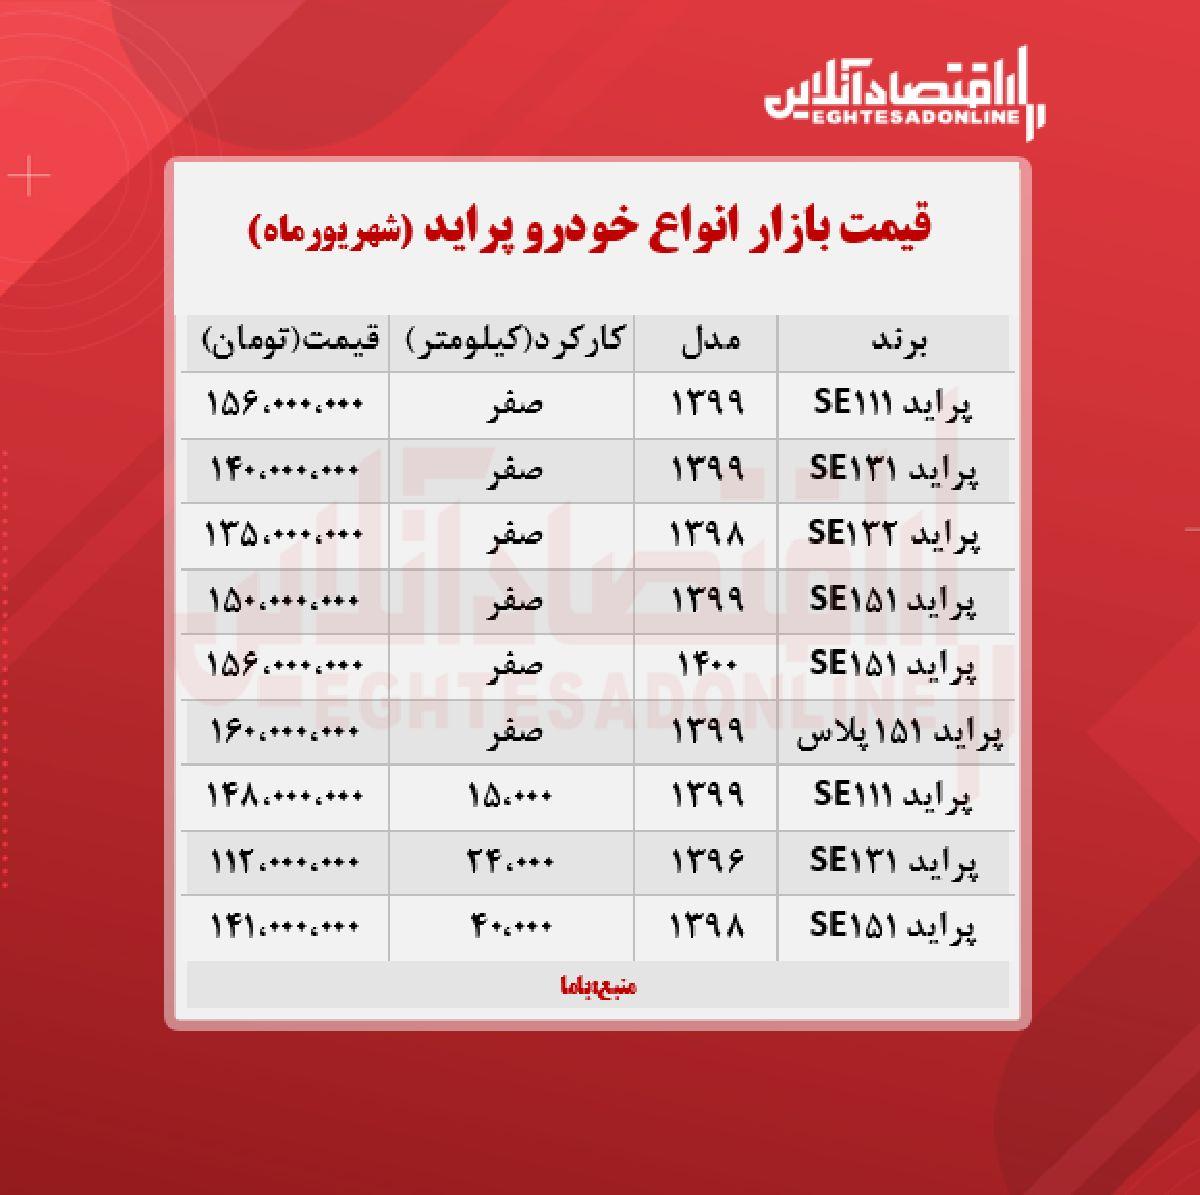 قیمت پراید امروز هفتم شهریور + جدول